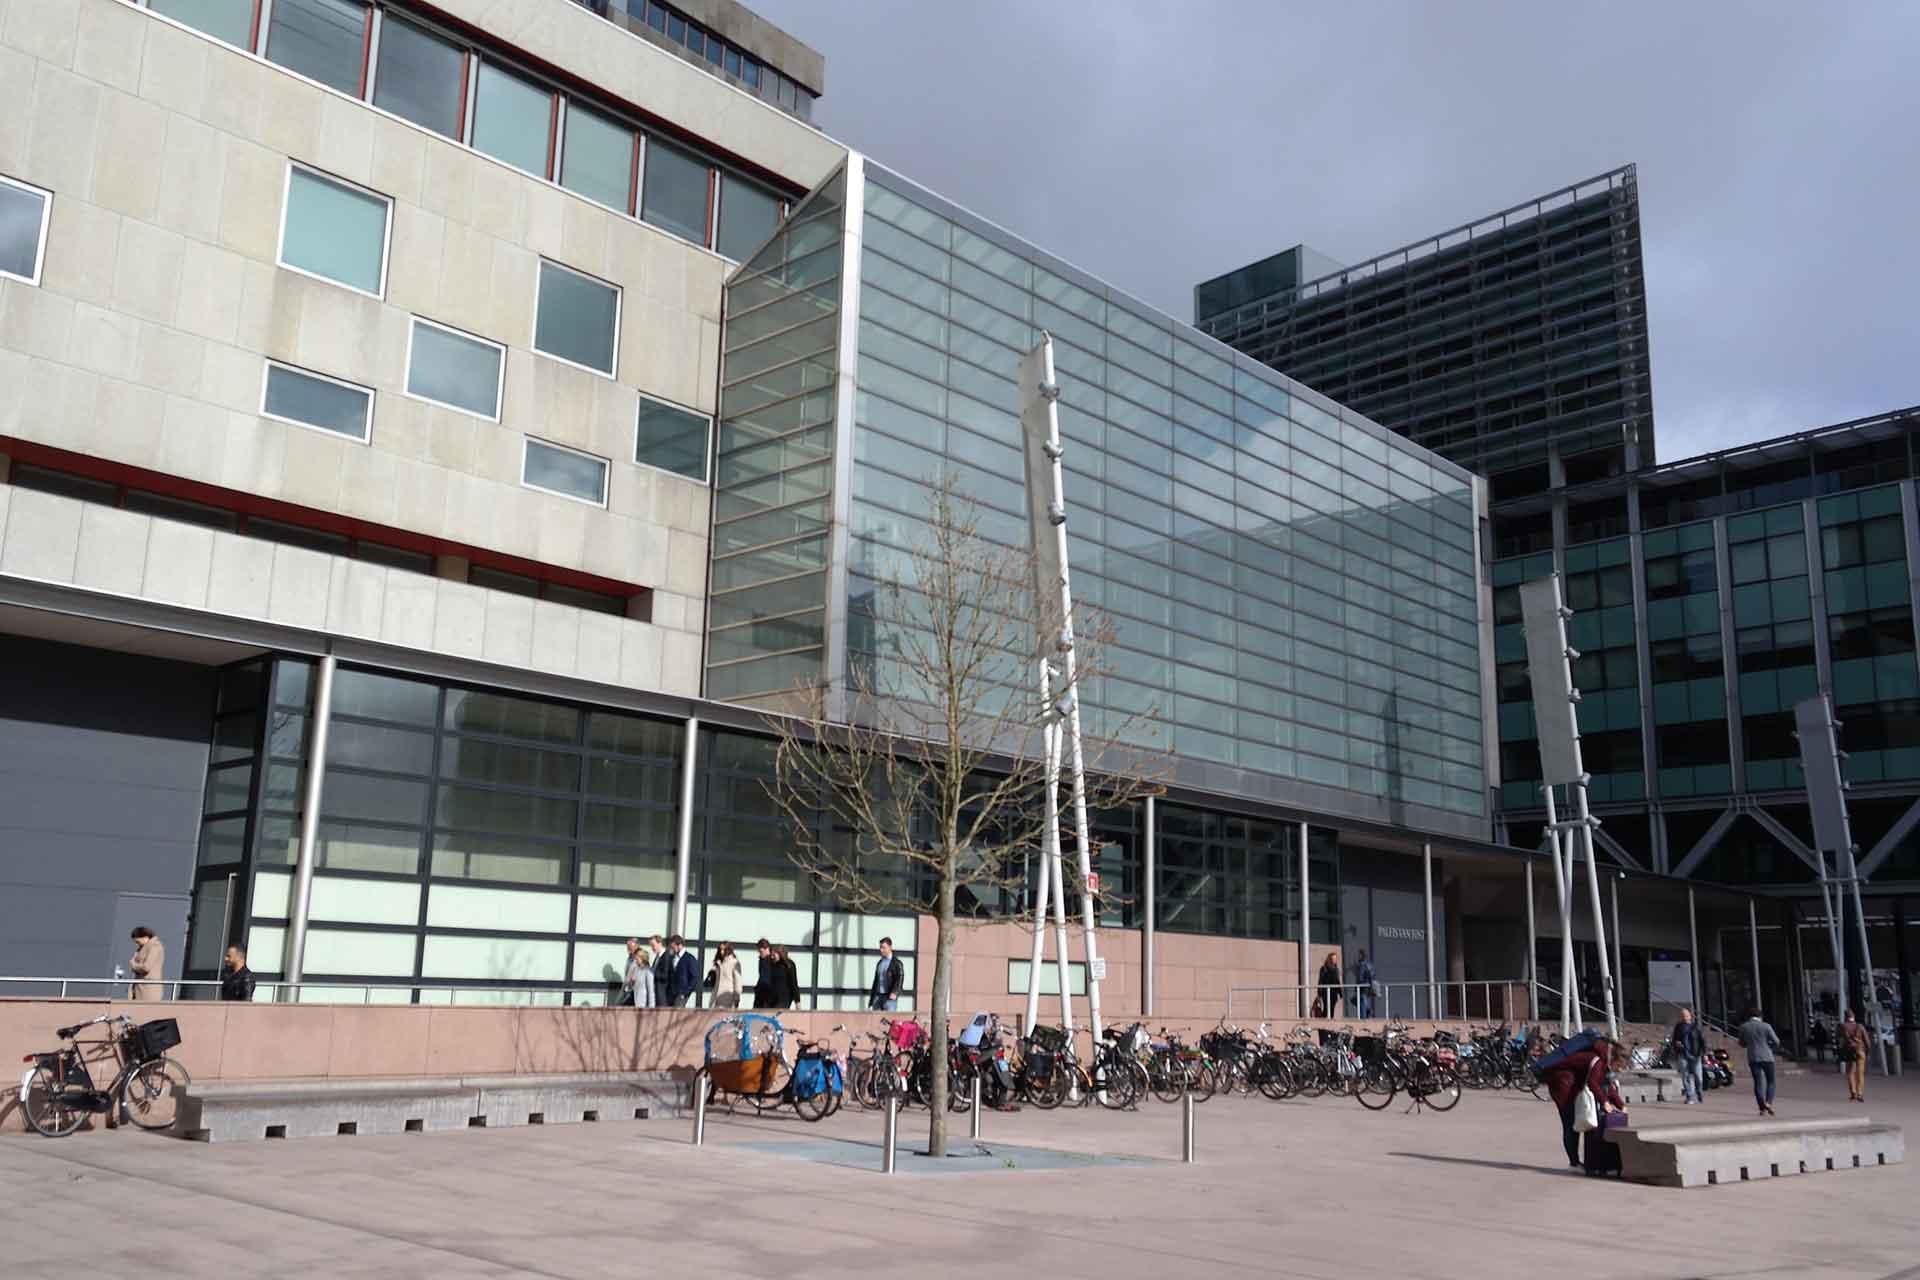 Rechtbank Den Haag - Weening Strafrechtadvocaten